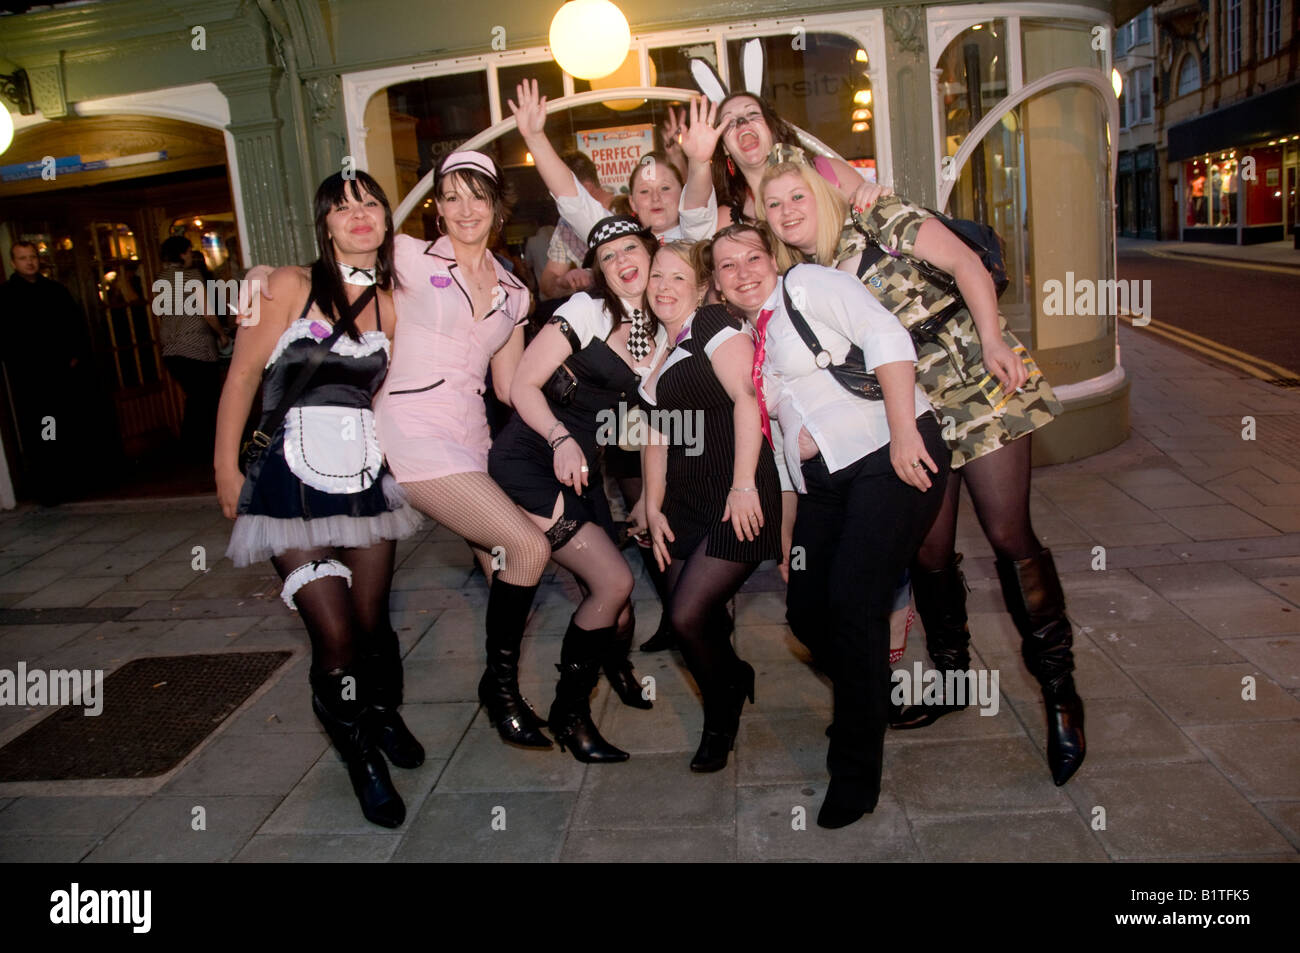 Gruppe von jungen Frauen Mädchen in verschiedenen Faschings-Outfits ...